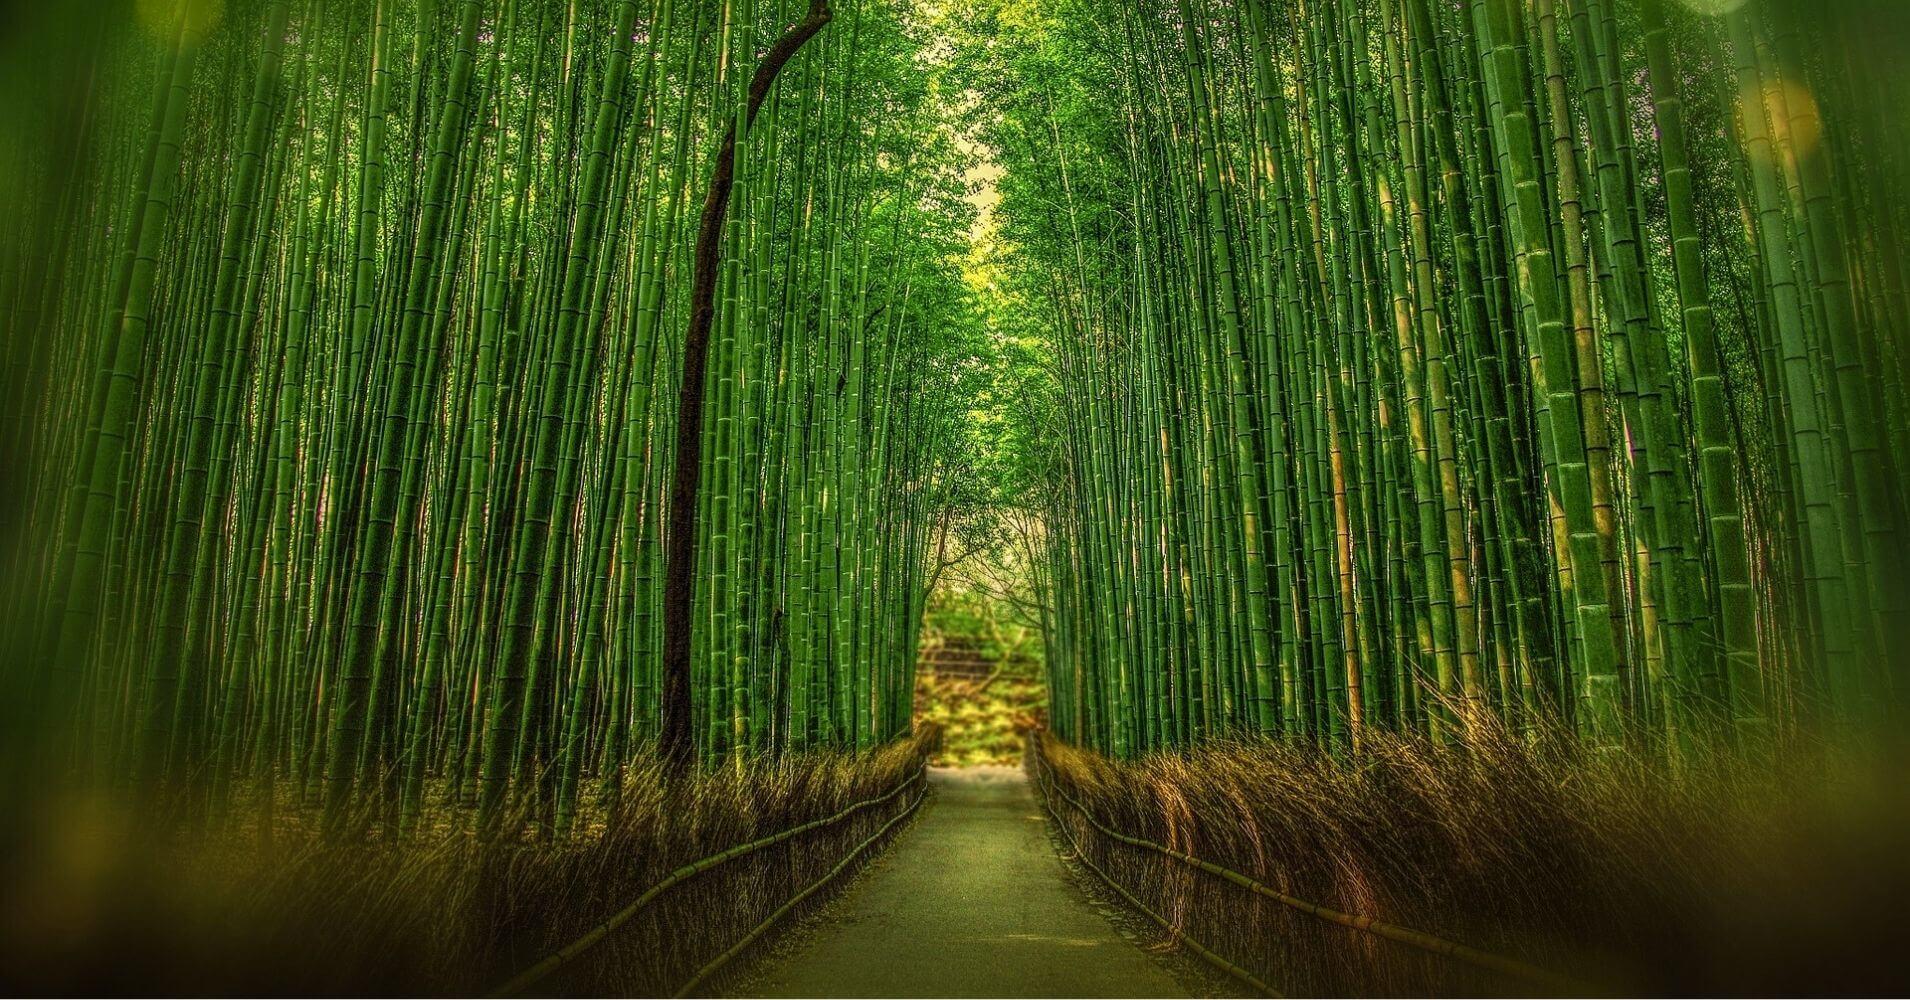 Bosque de Bambú de Arashiyama. Kyoto. Viajar a Japón.